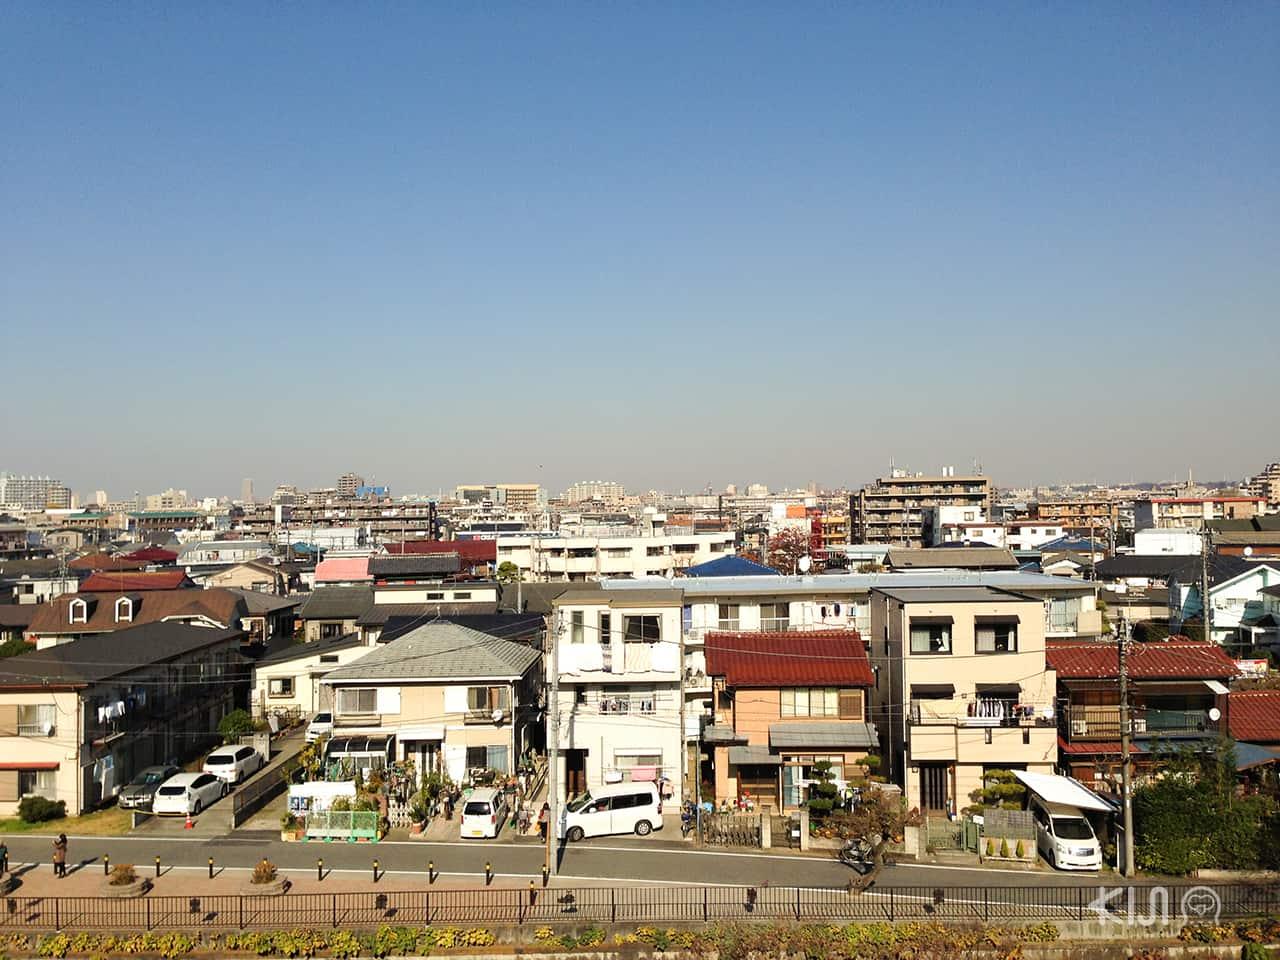 เมืองรอง ญี่ปุ่น Kawasaki, Kanto